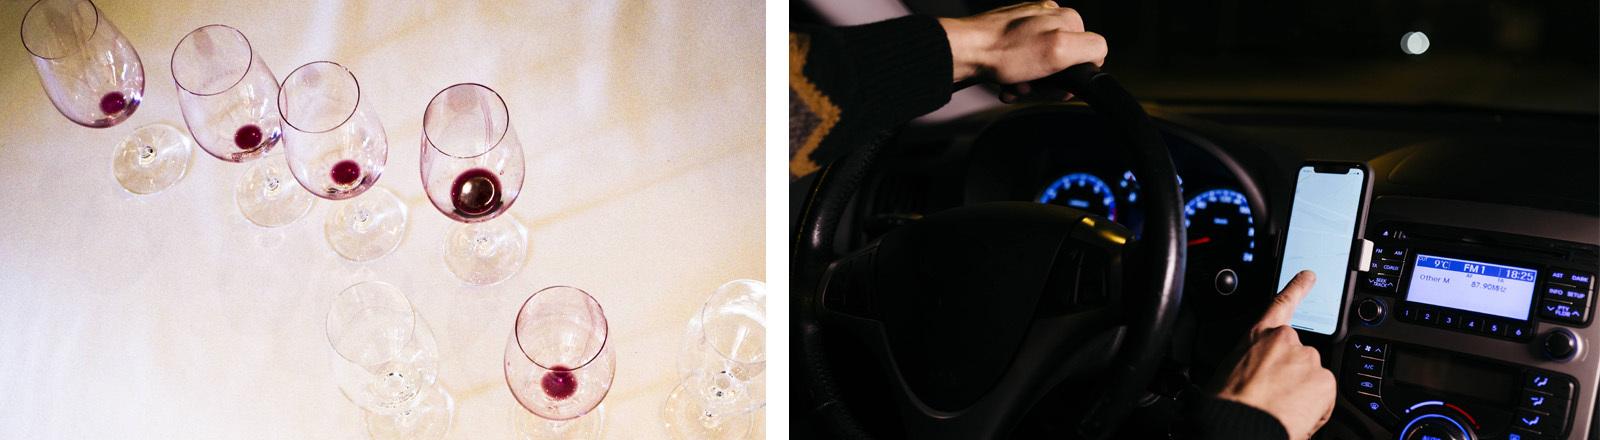 Symbolbild: Mit Alkohol hintrem Steuer